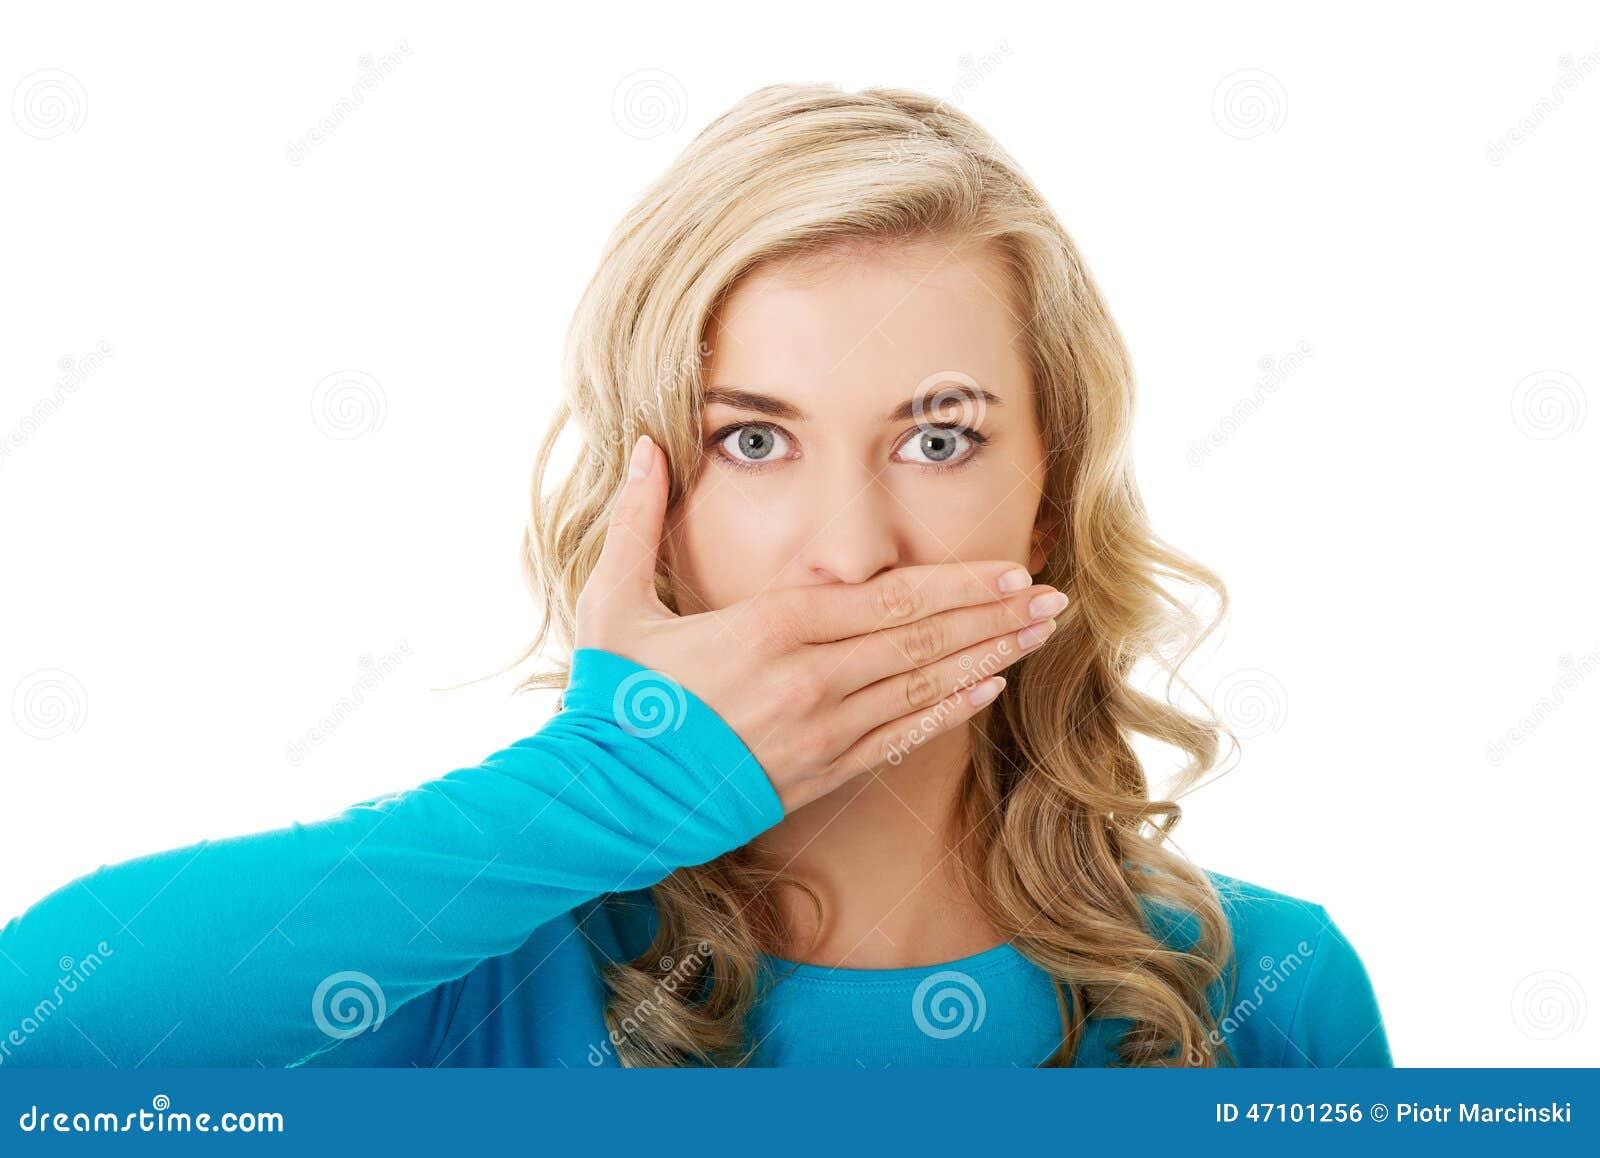 Porträt einer Frau, die ihren Mund bedeckt